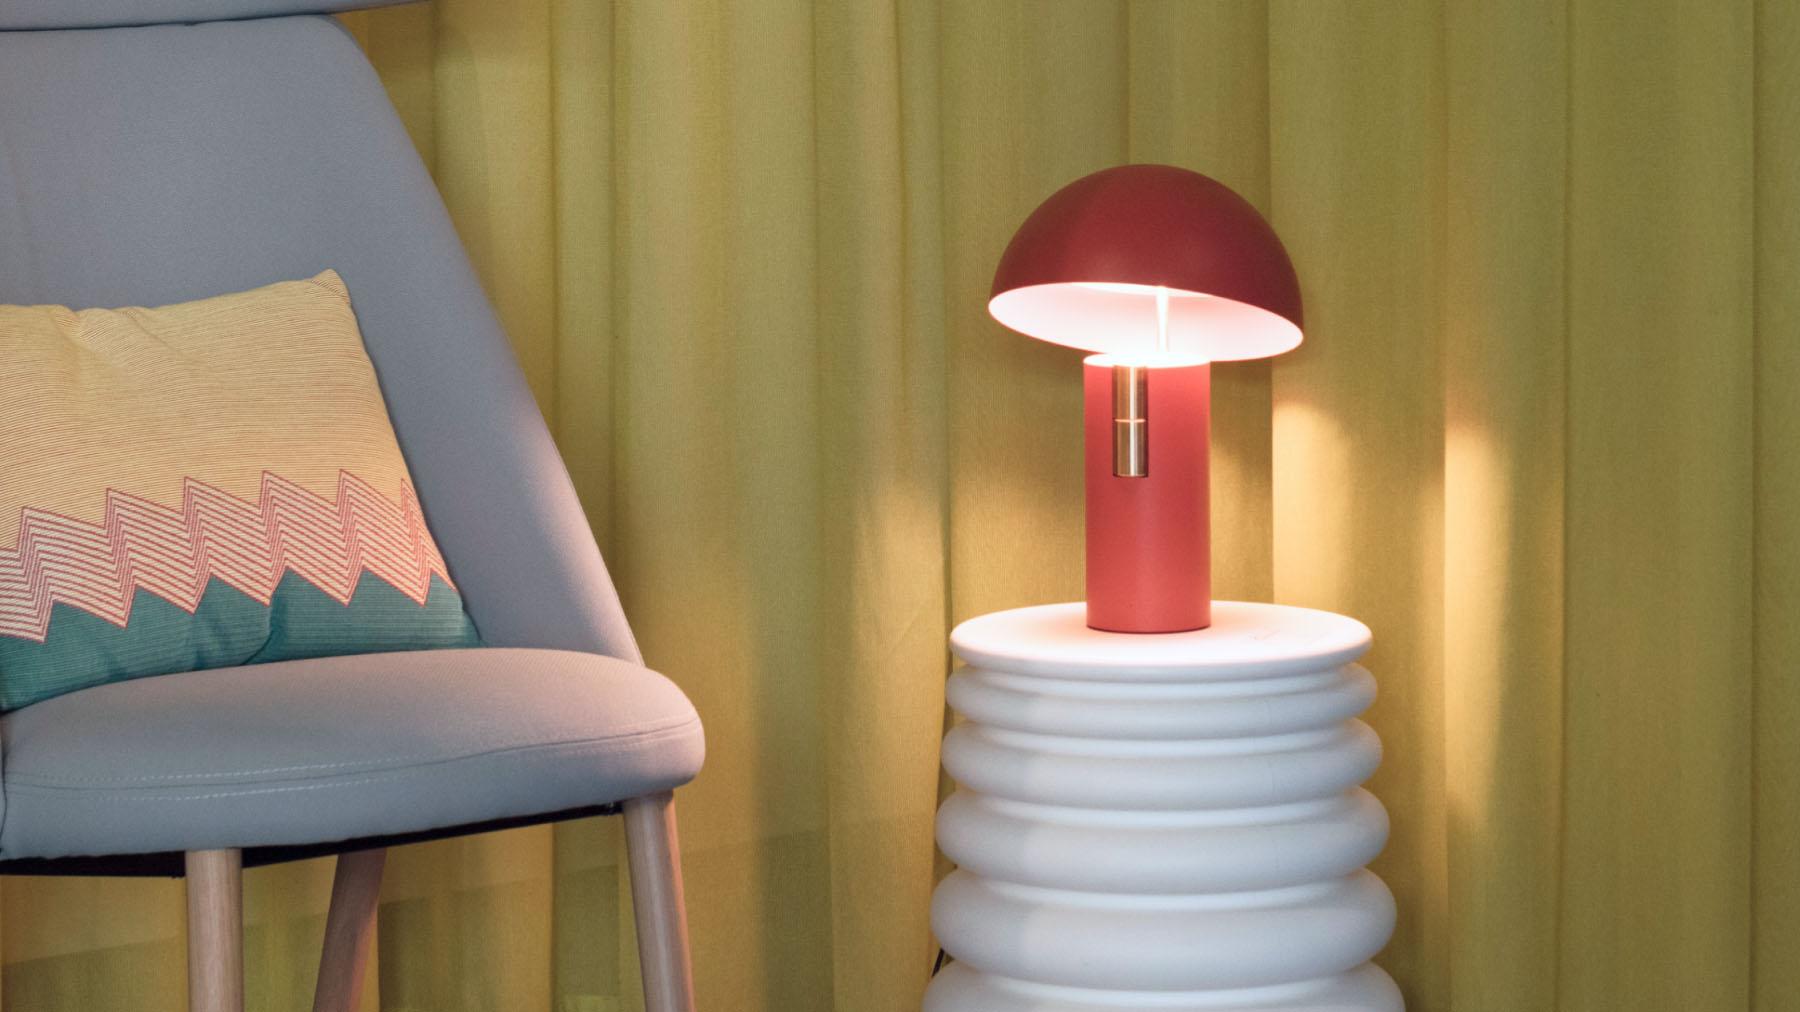 Jaune Fabrique - Luminaire acoustique Alto -Terracotta